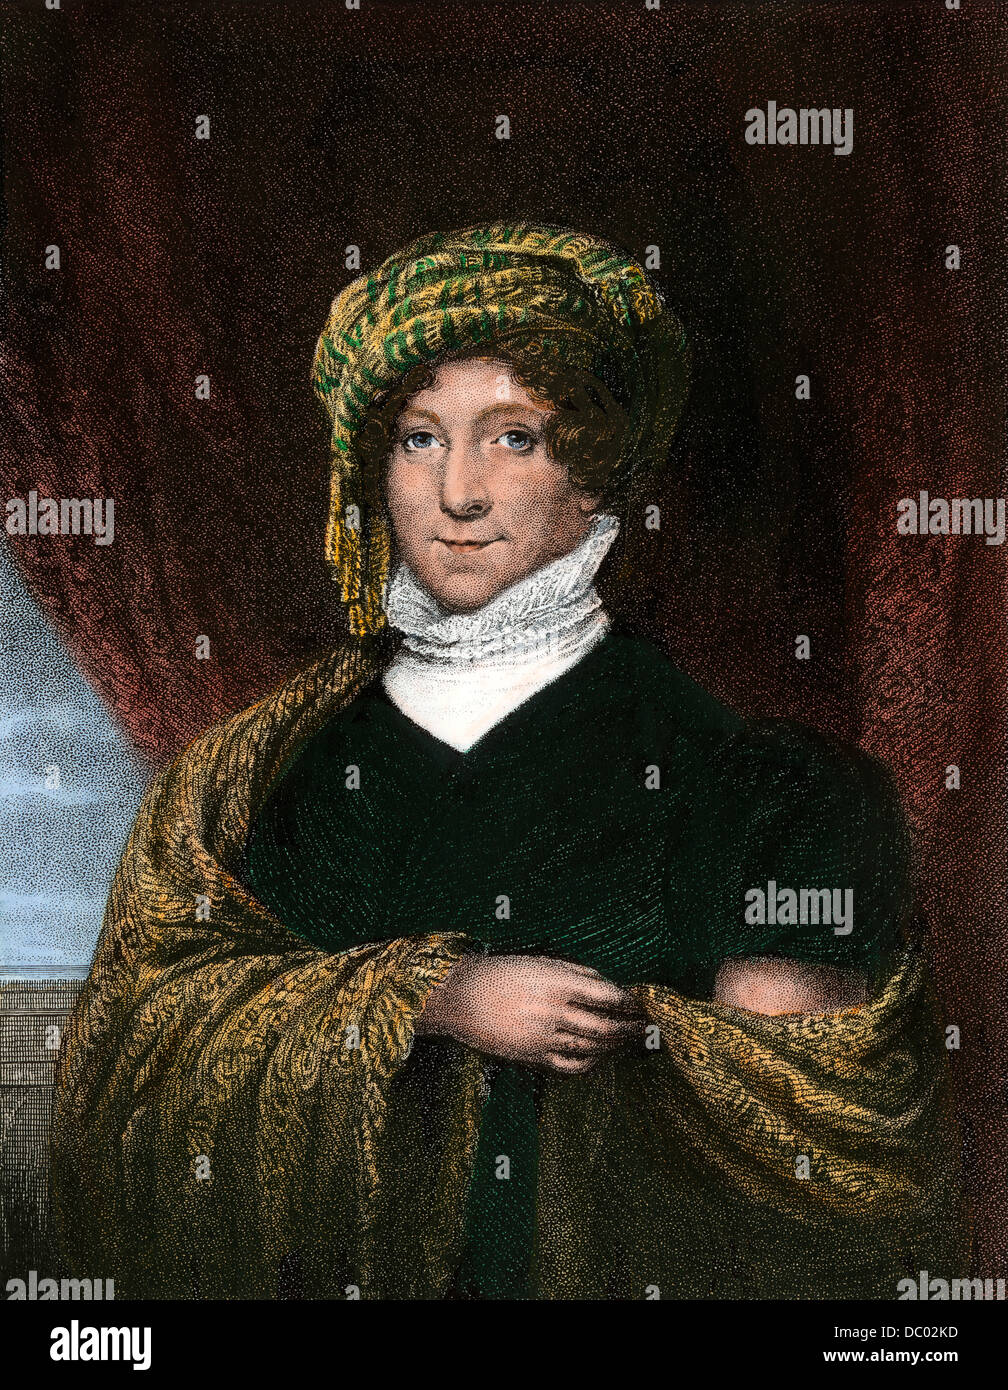 La Primera Dama Dolley Madison. Mano de color acero grabado Imagen De Stock